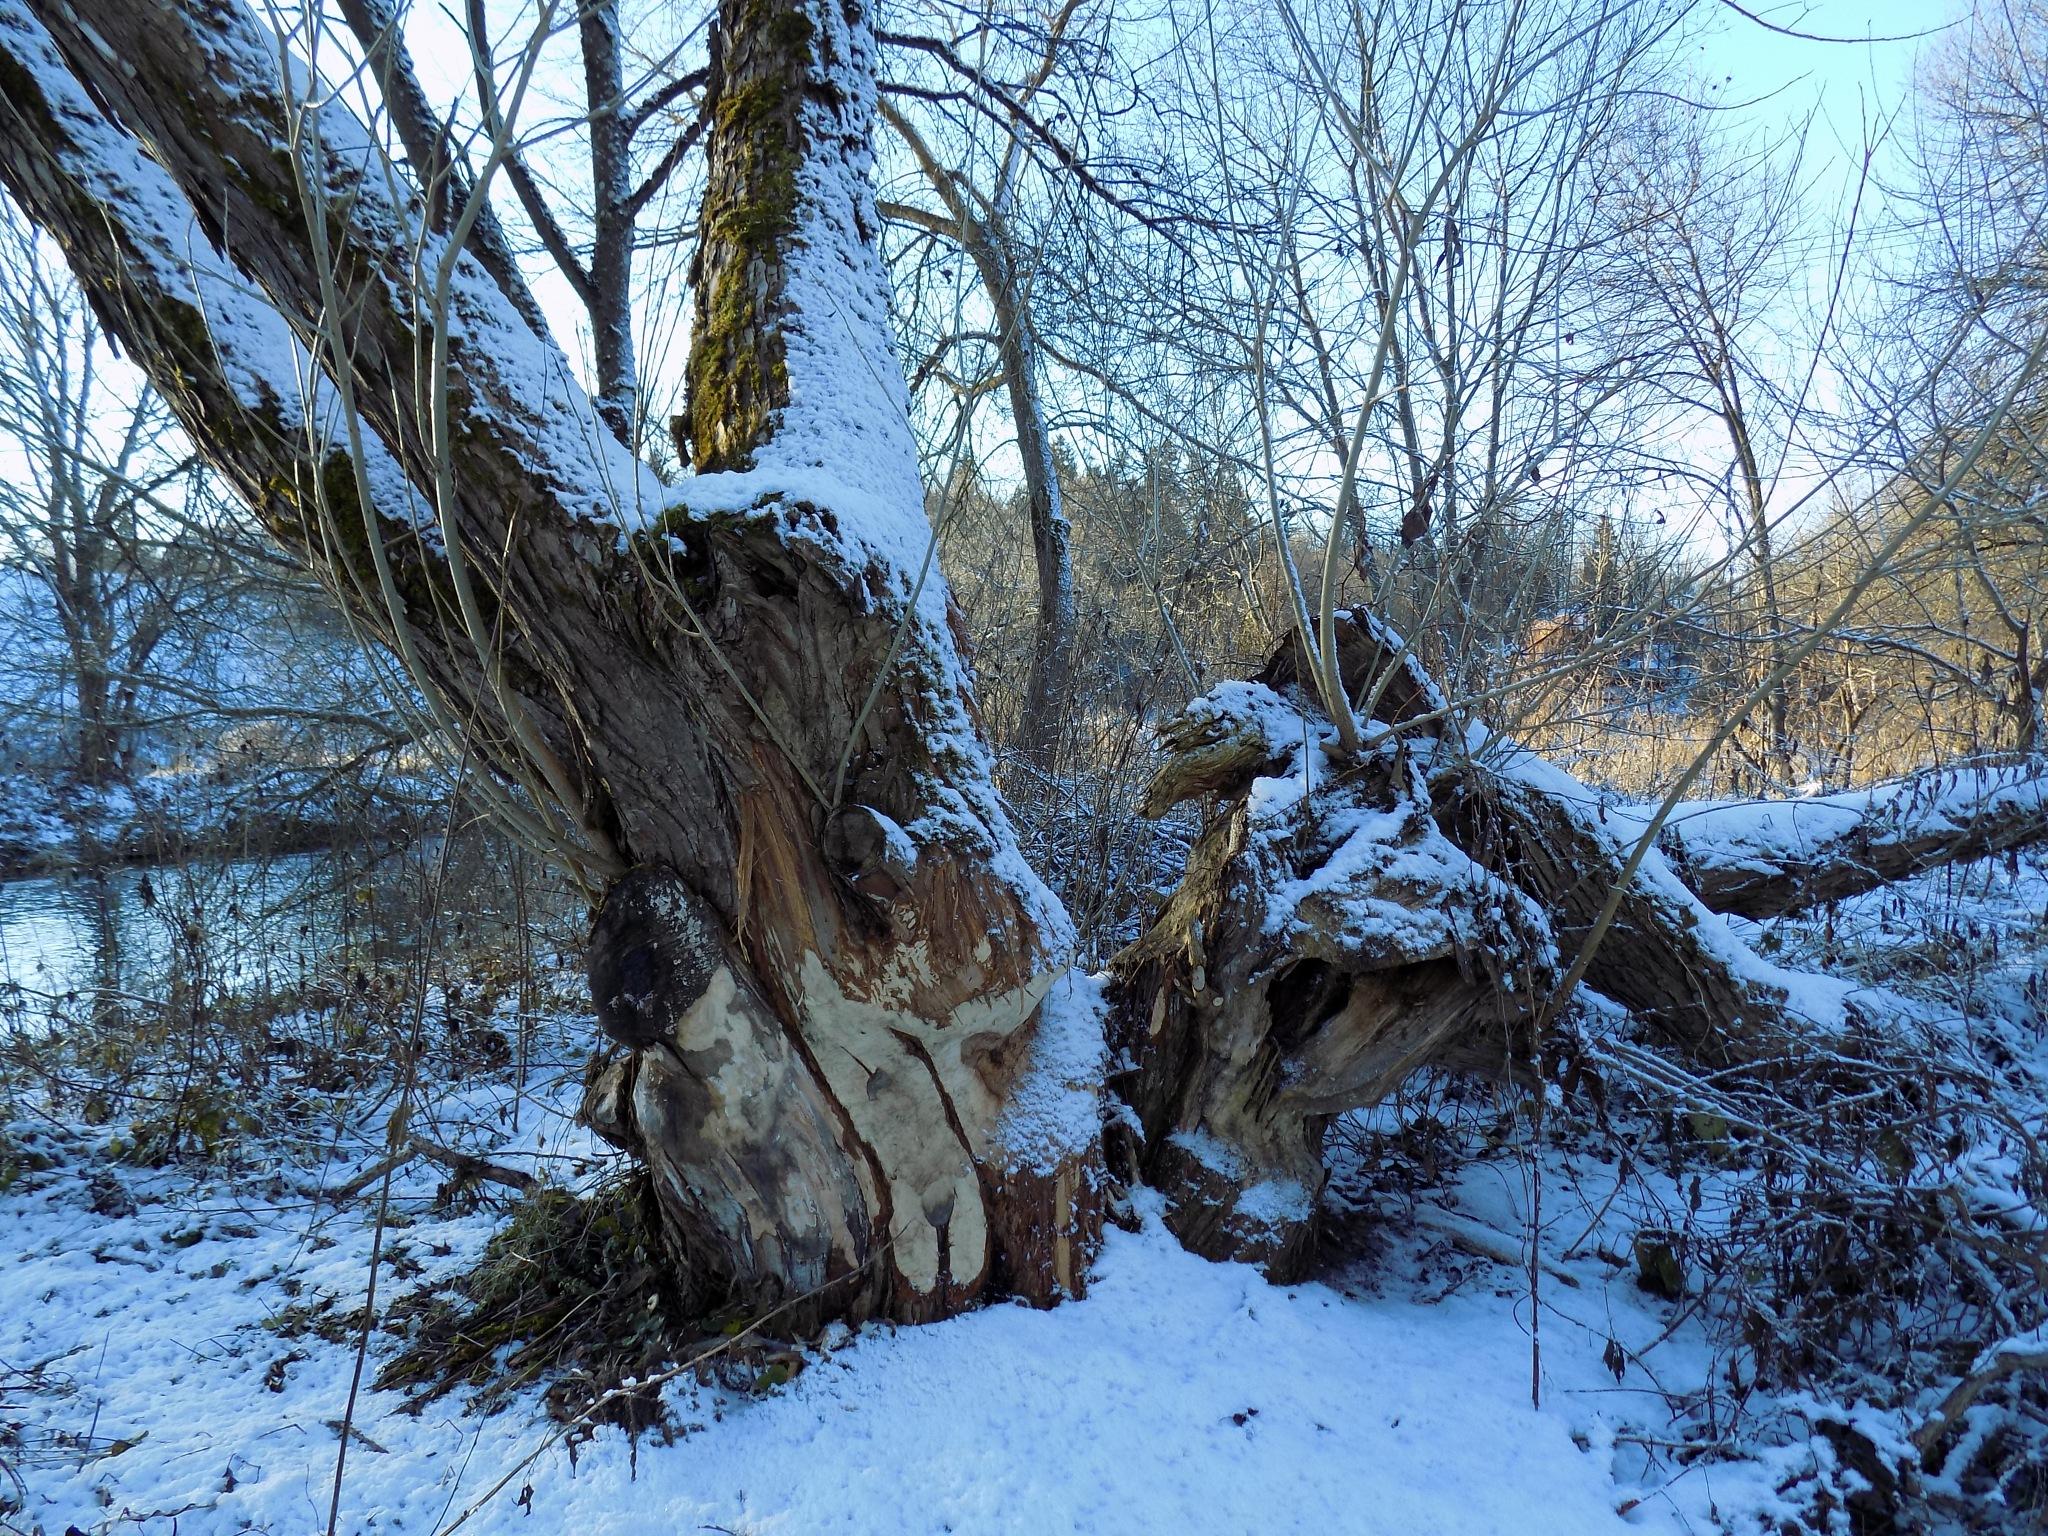 The beginning of winter by uzkuraitiene62